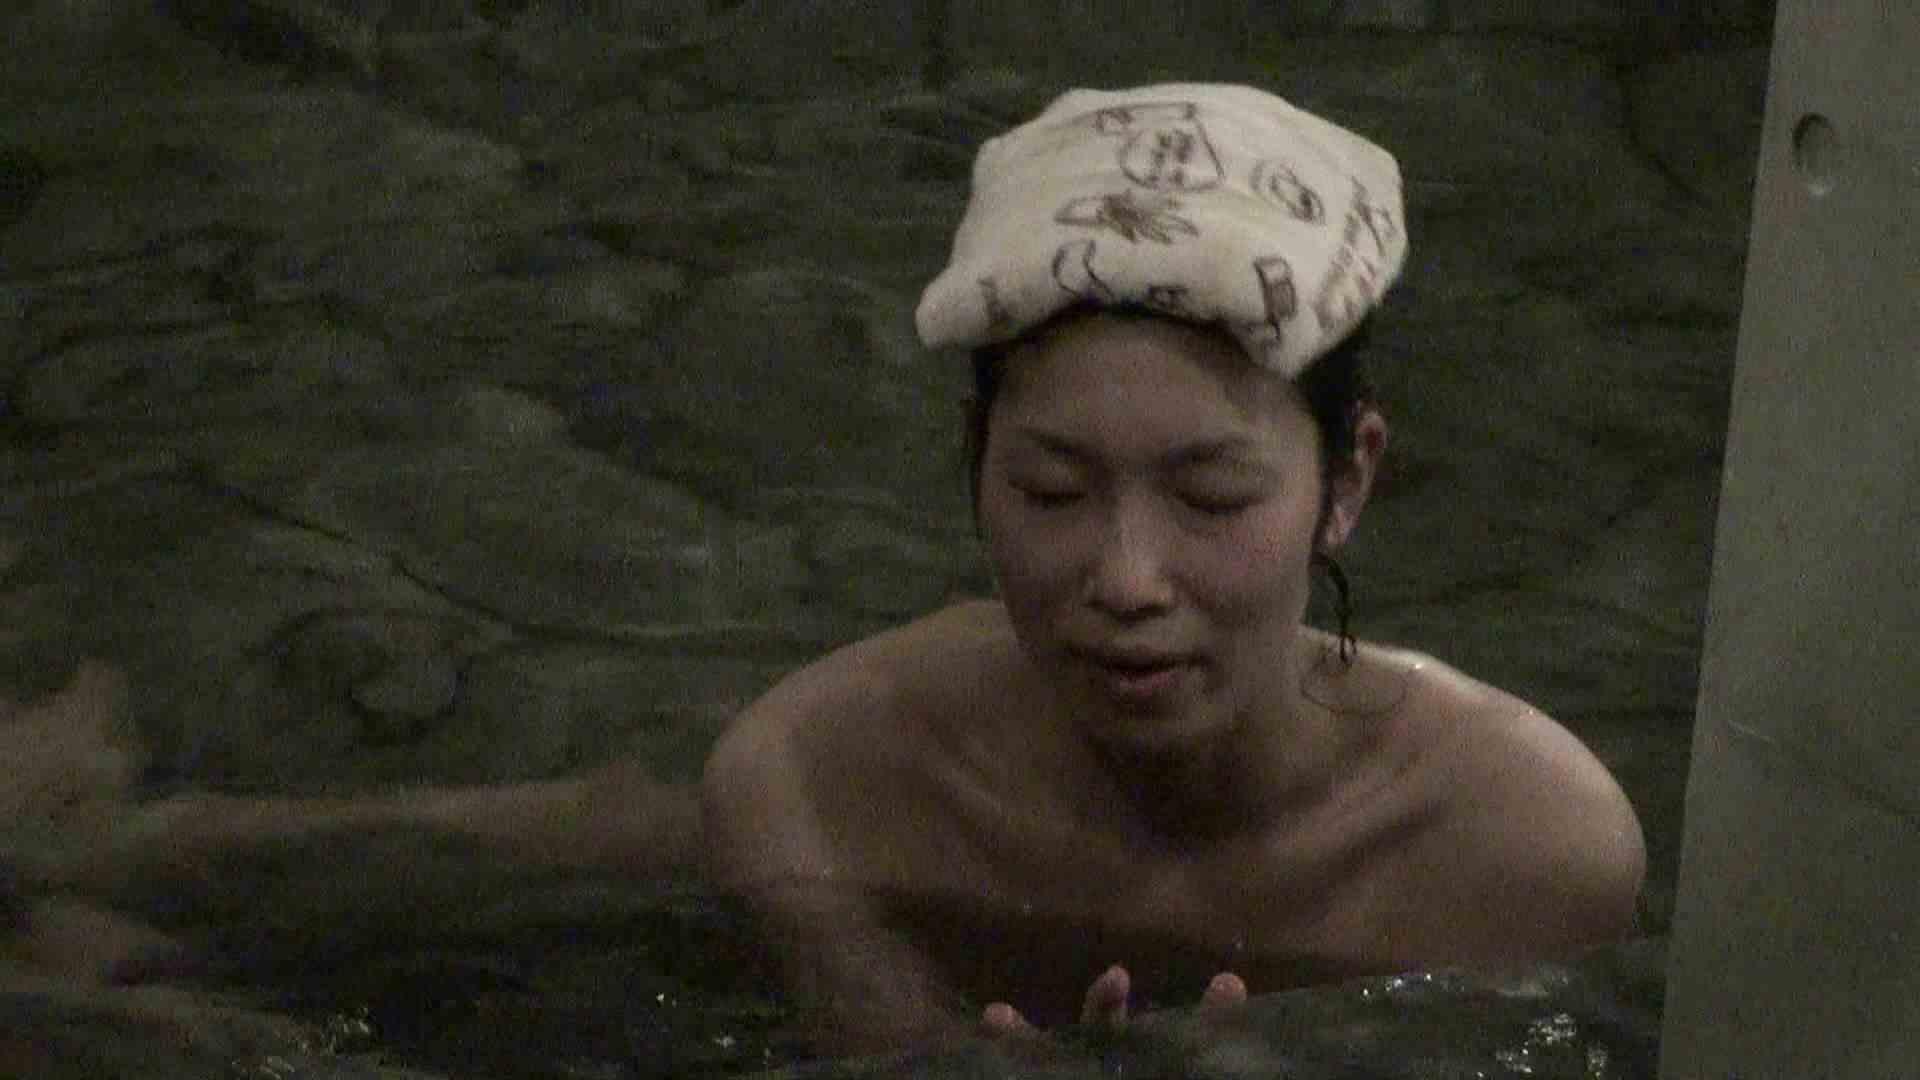 Aquaな露天風呂Vol.399 露天風呂 | 盗撮動画  9枚 5